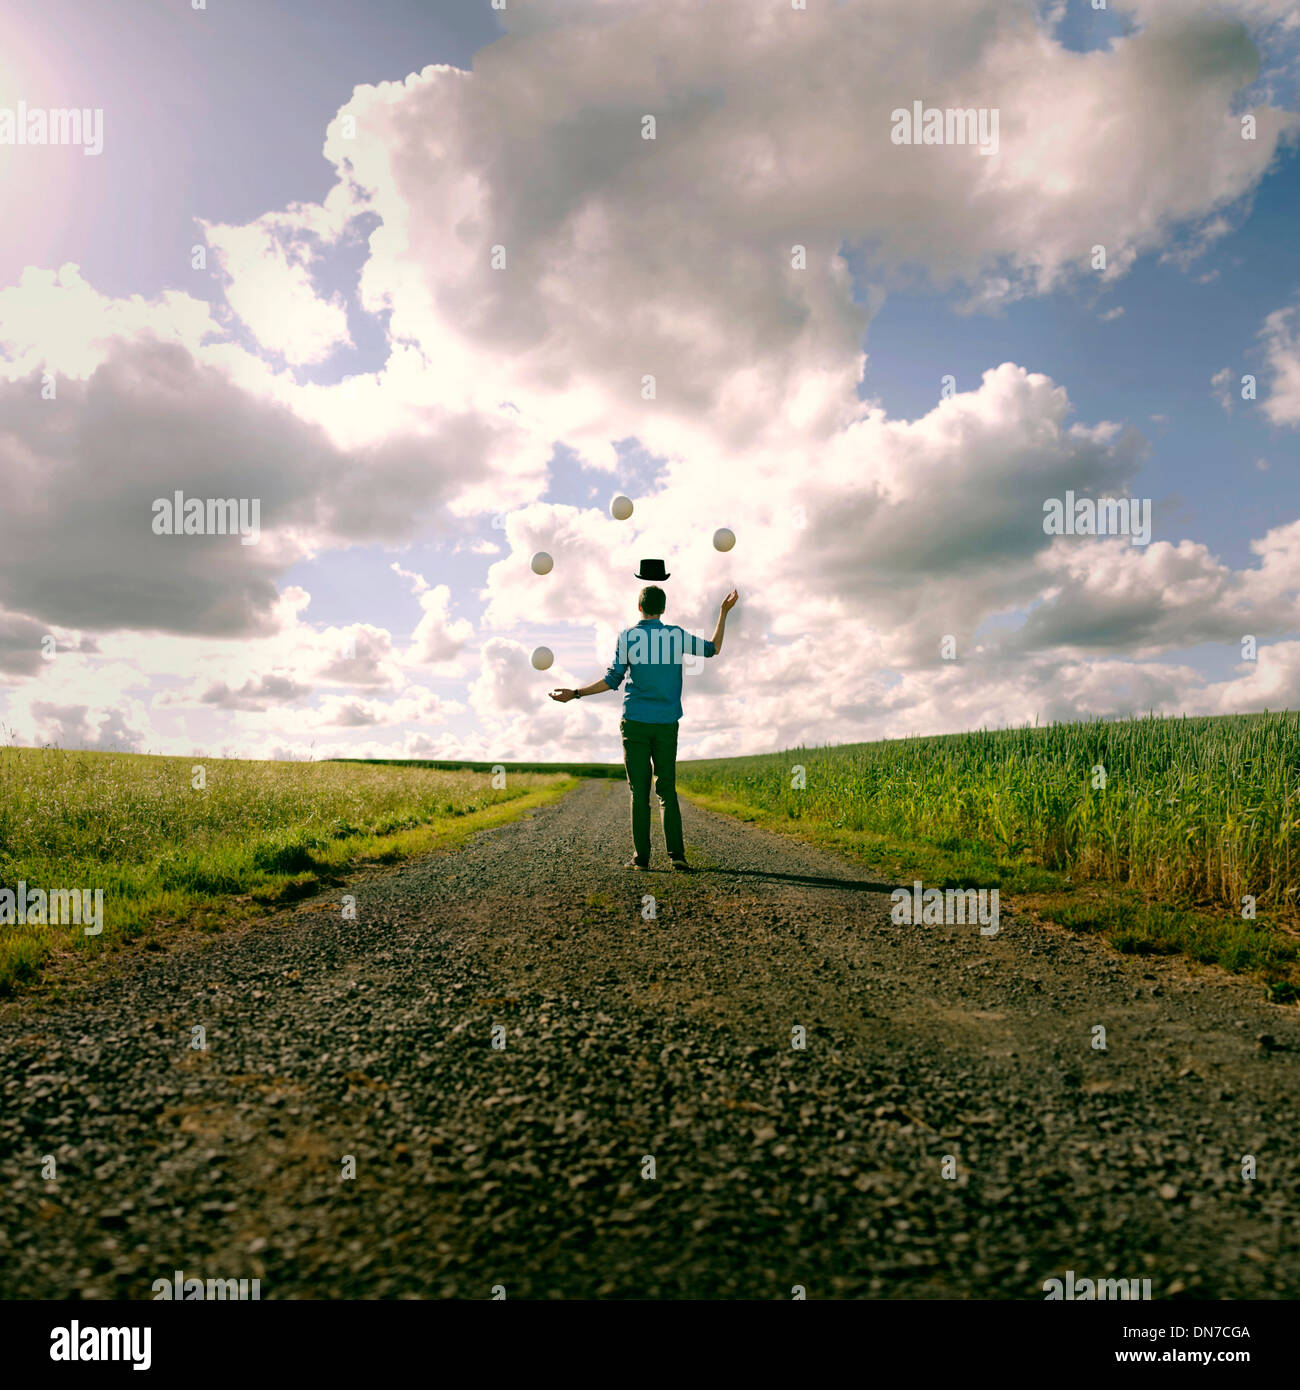 Joven con sombrero flotante haciendo malabarismos en el campo Foto de stock